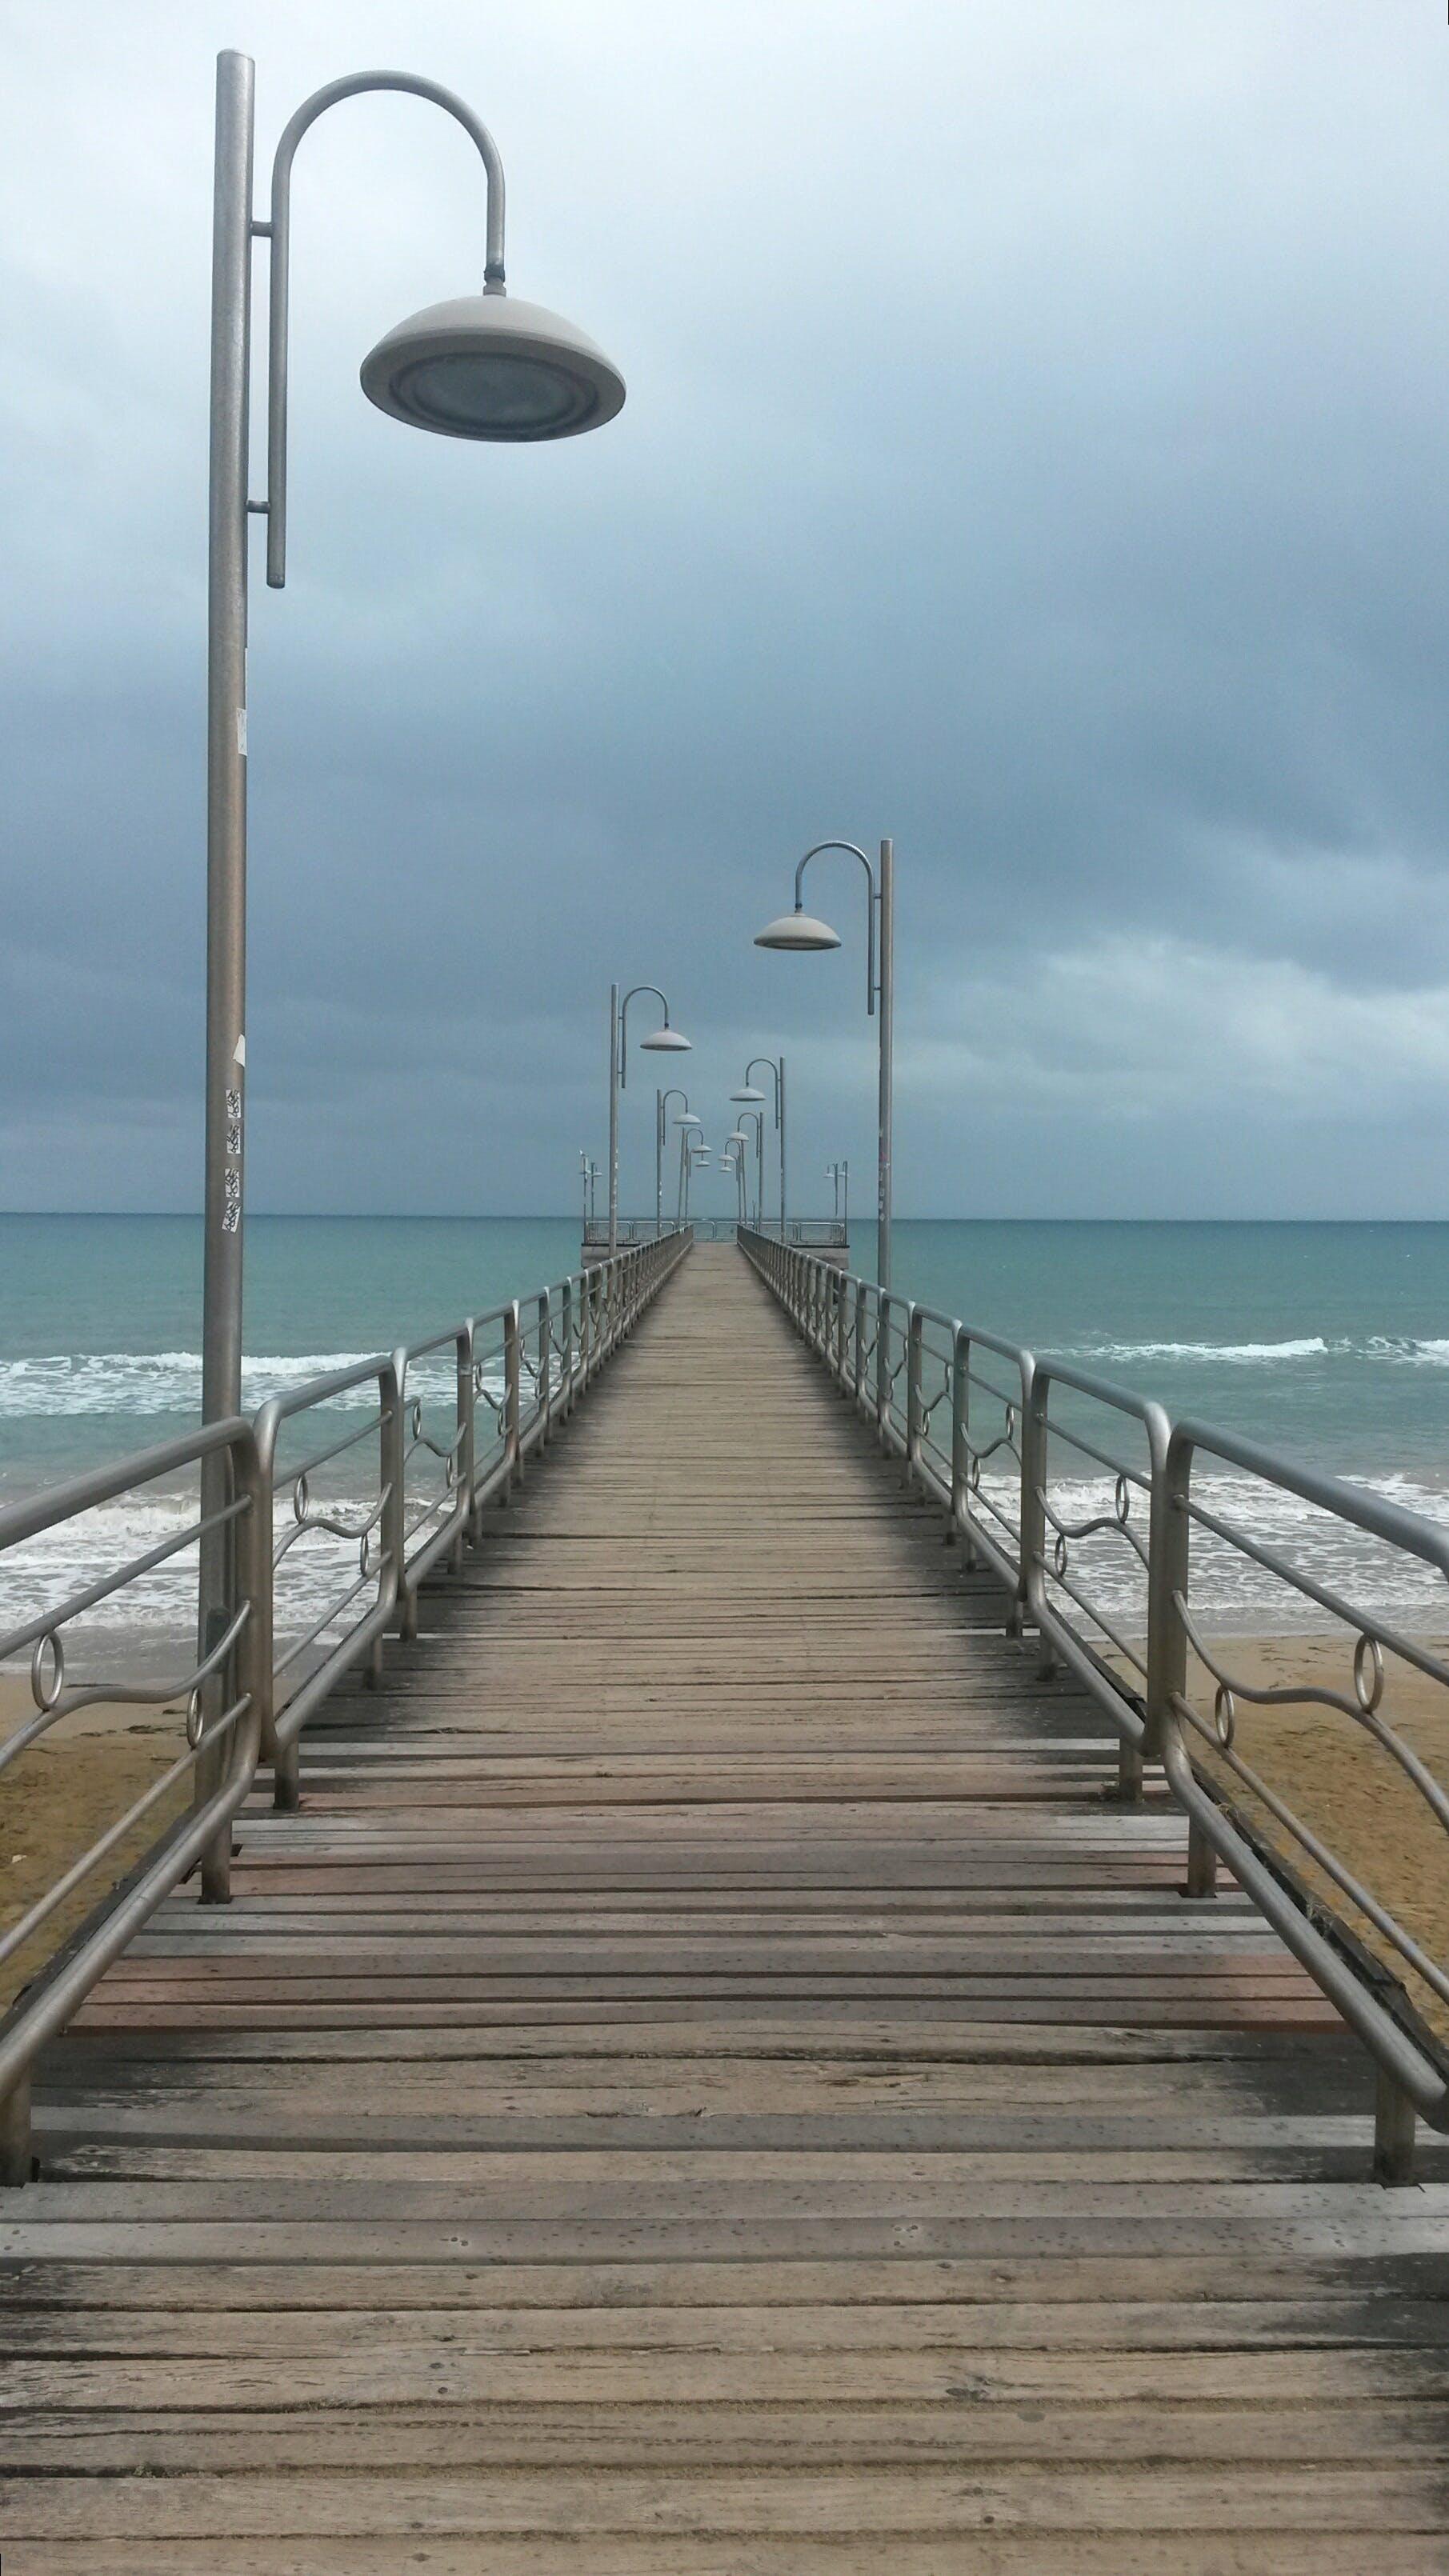 beach, boardwalk, jetty